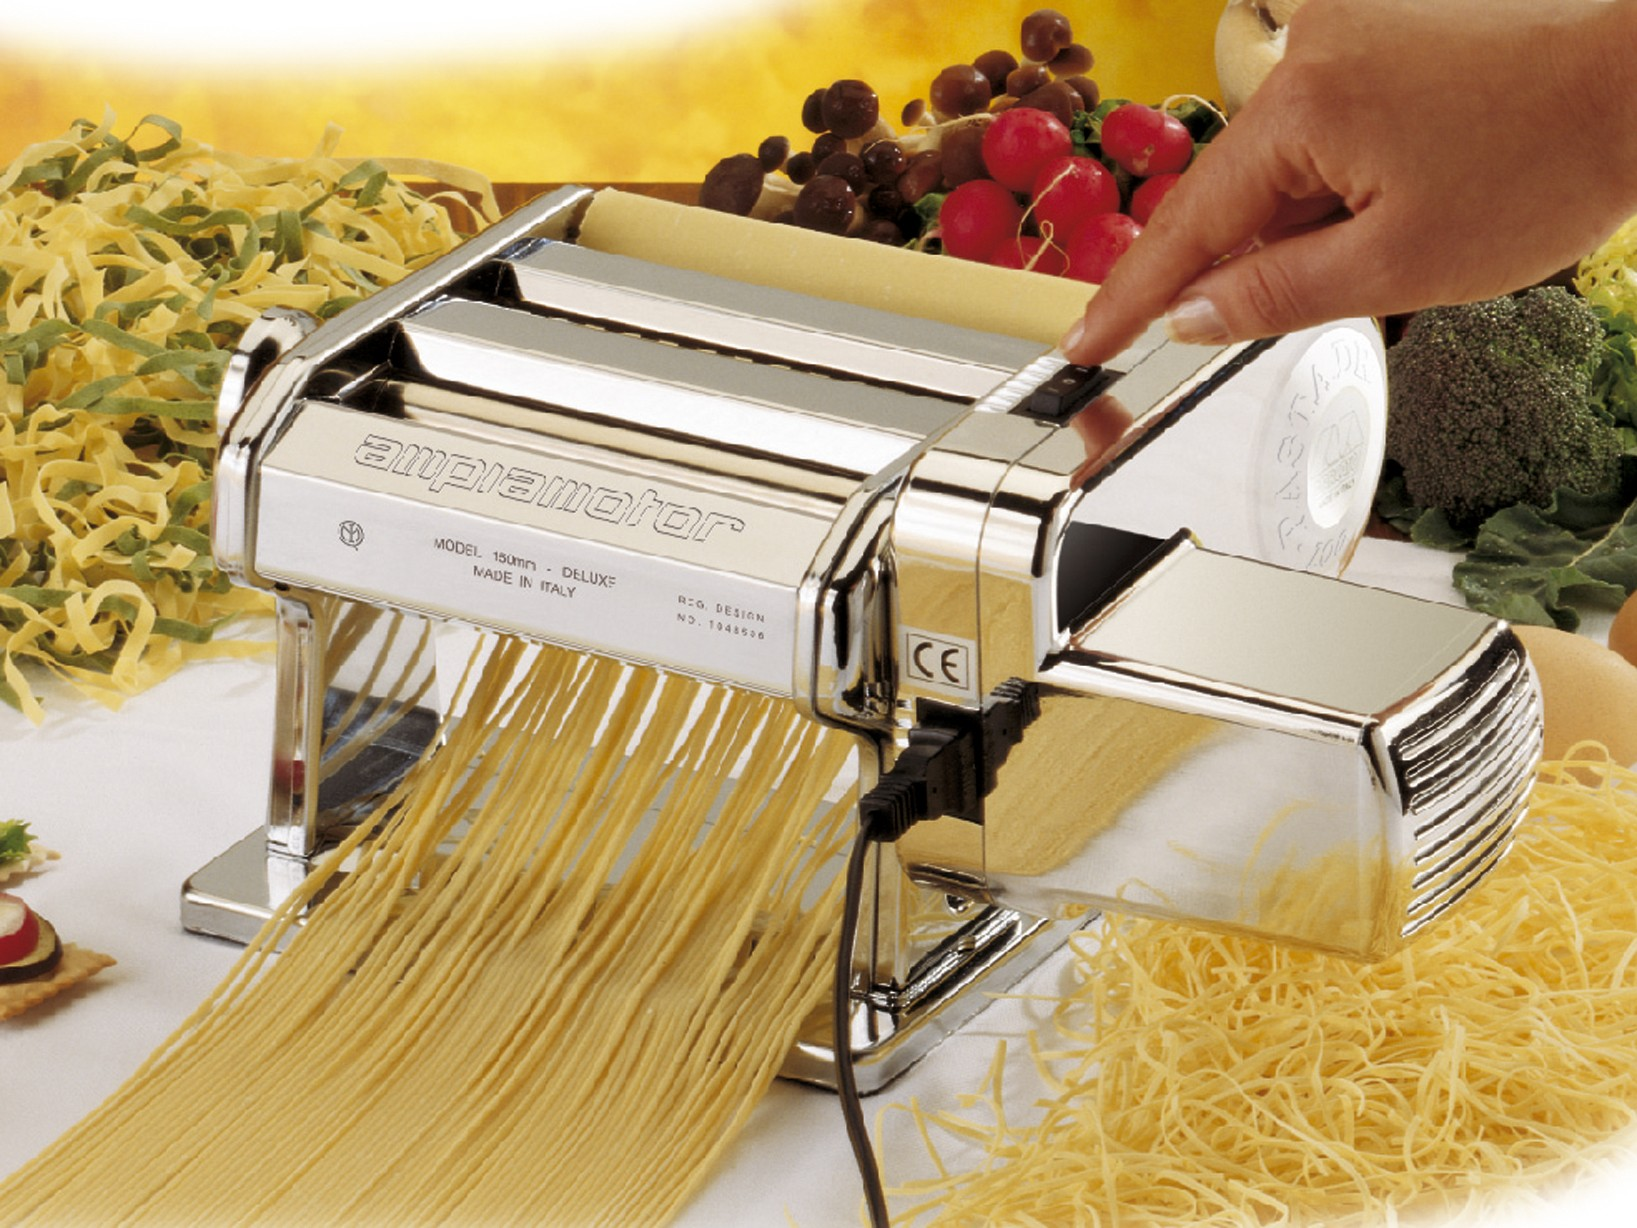 Migliore macchina per pasta - Cucinare a casa con la migliore macchina per la pasta ai prezzi più bassi del web